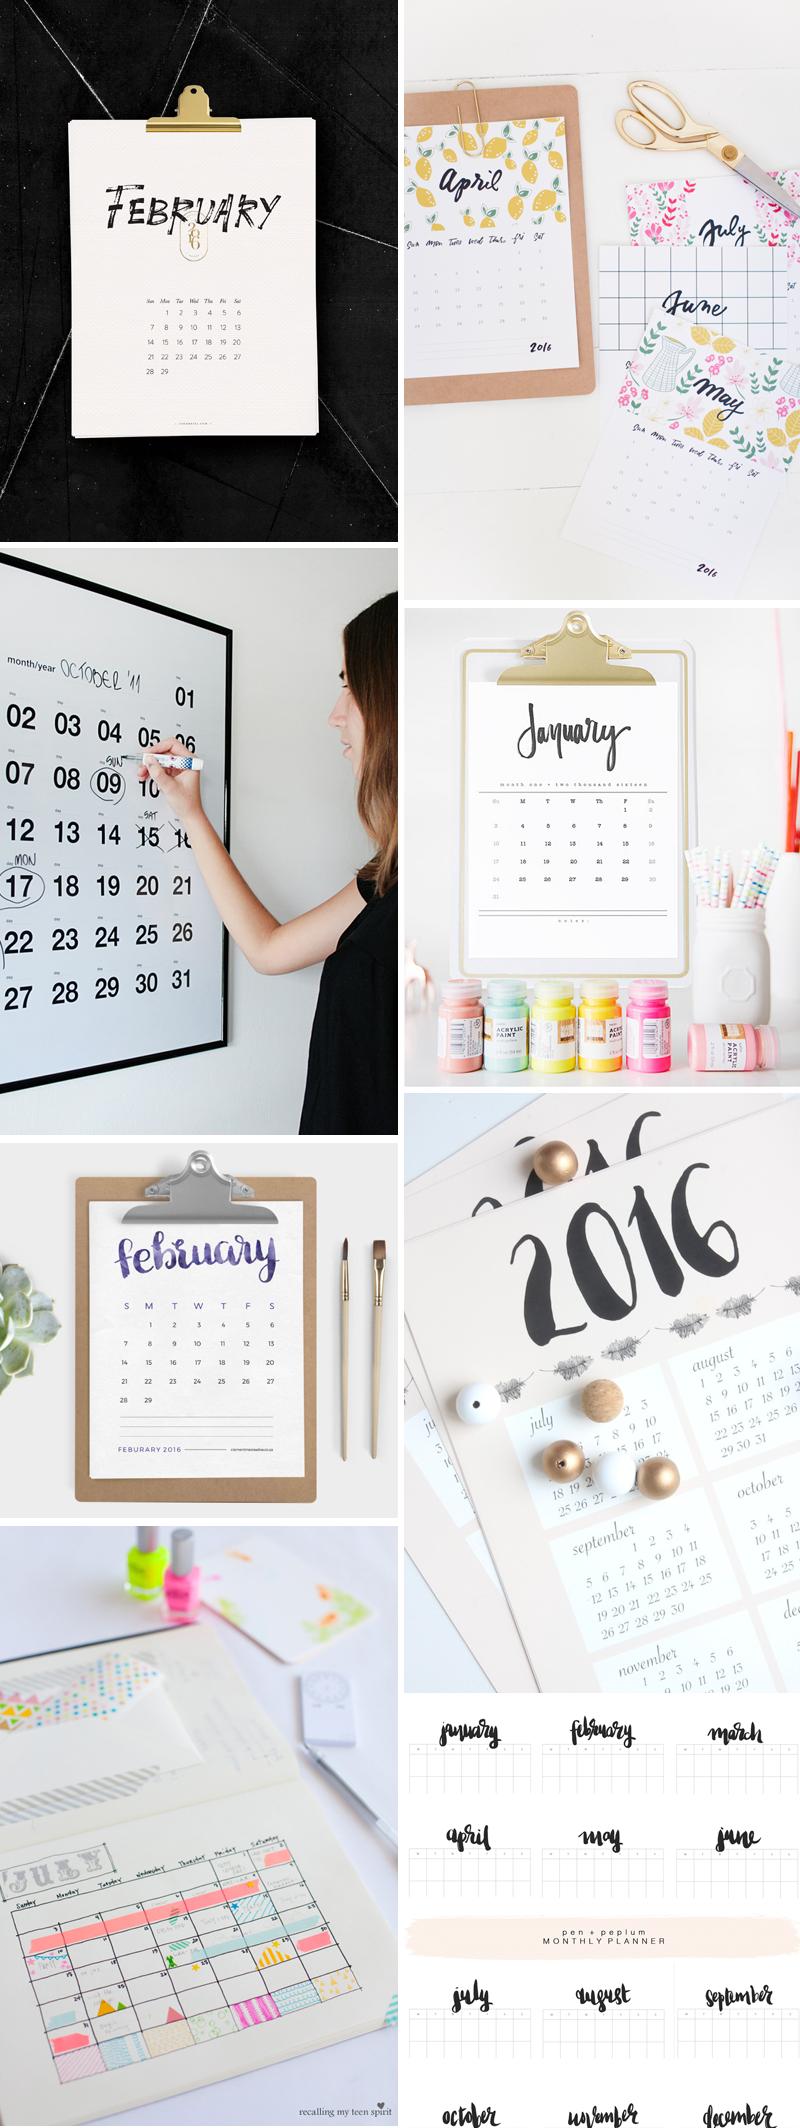 kalender-inspiration-2016